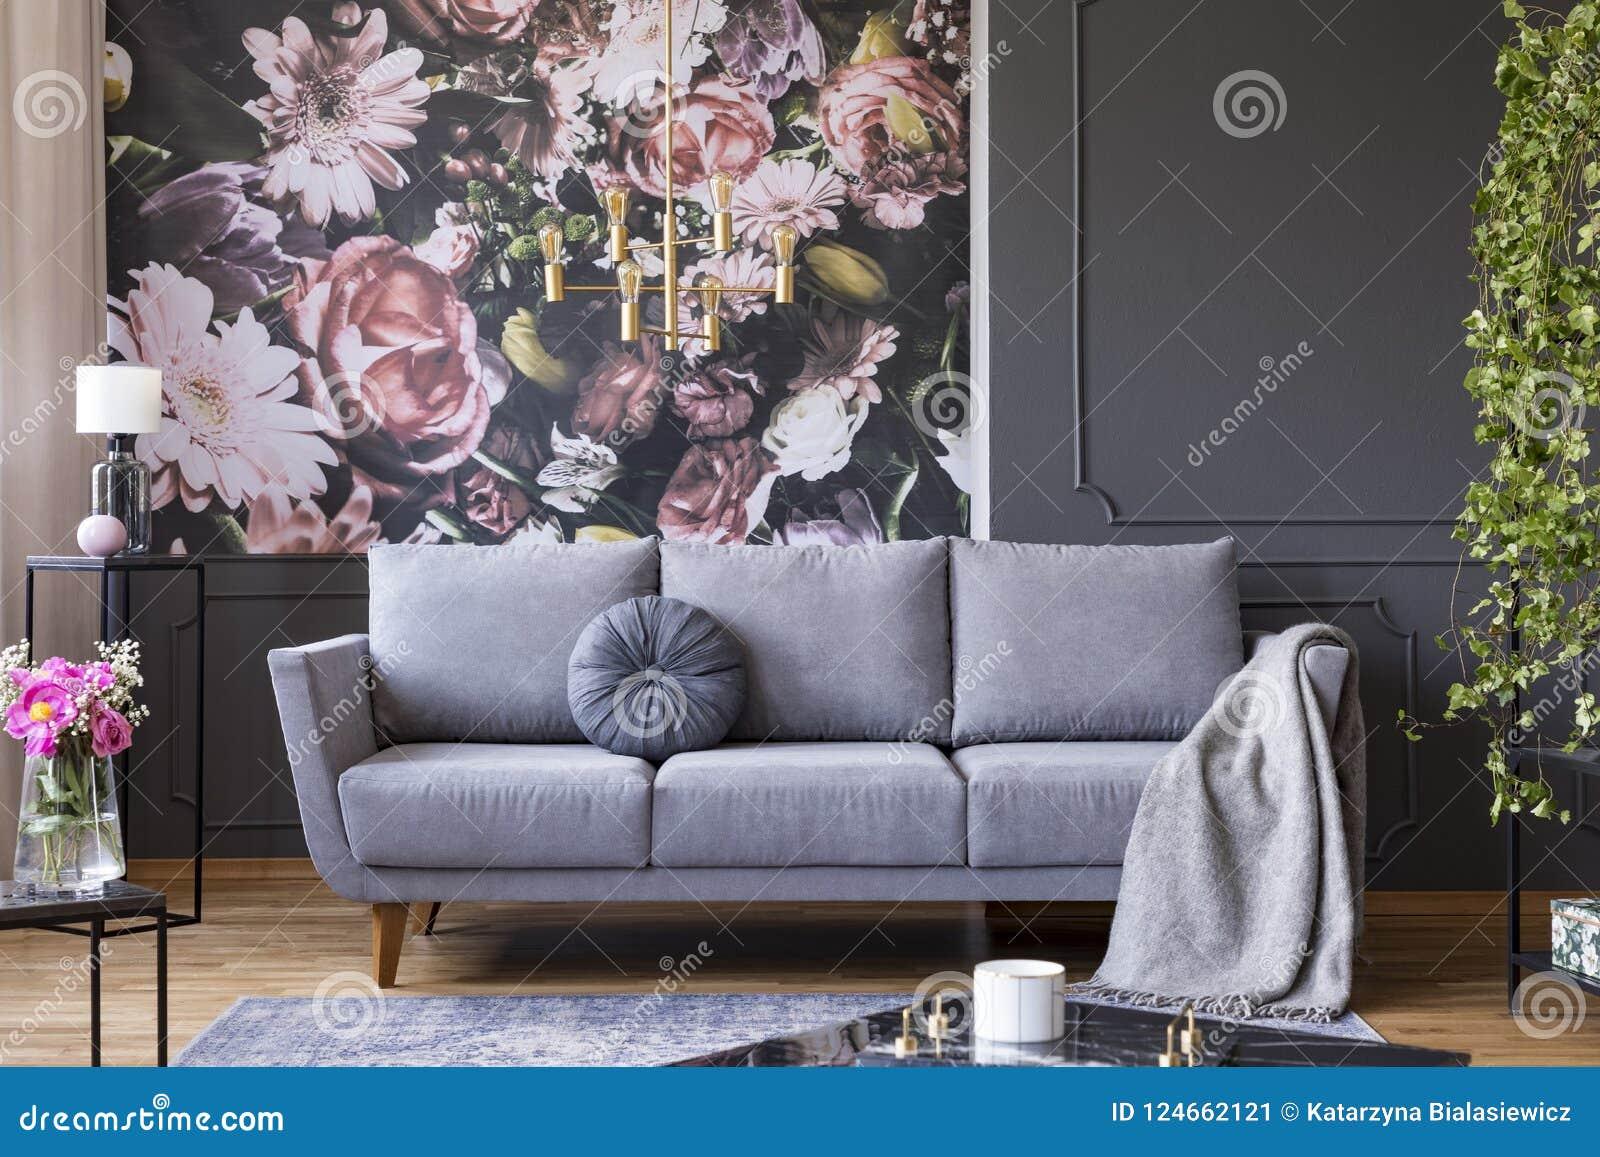 Βιομηχανικά χρυσά ελαφριά και μαύρα έπιπλα κρεμαστών κοσμημάτων σε ένα σκοτεινό εσωτερικό καθιστικών με τη floral ταπετσαρία και